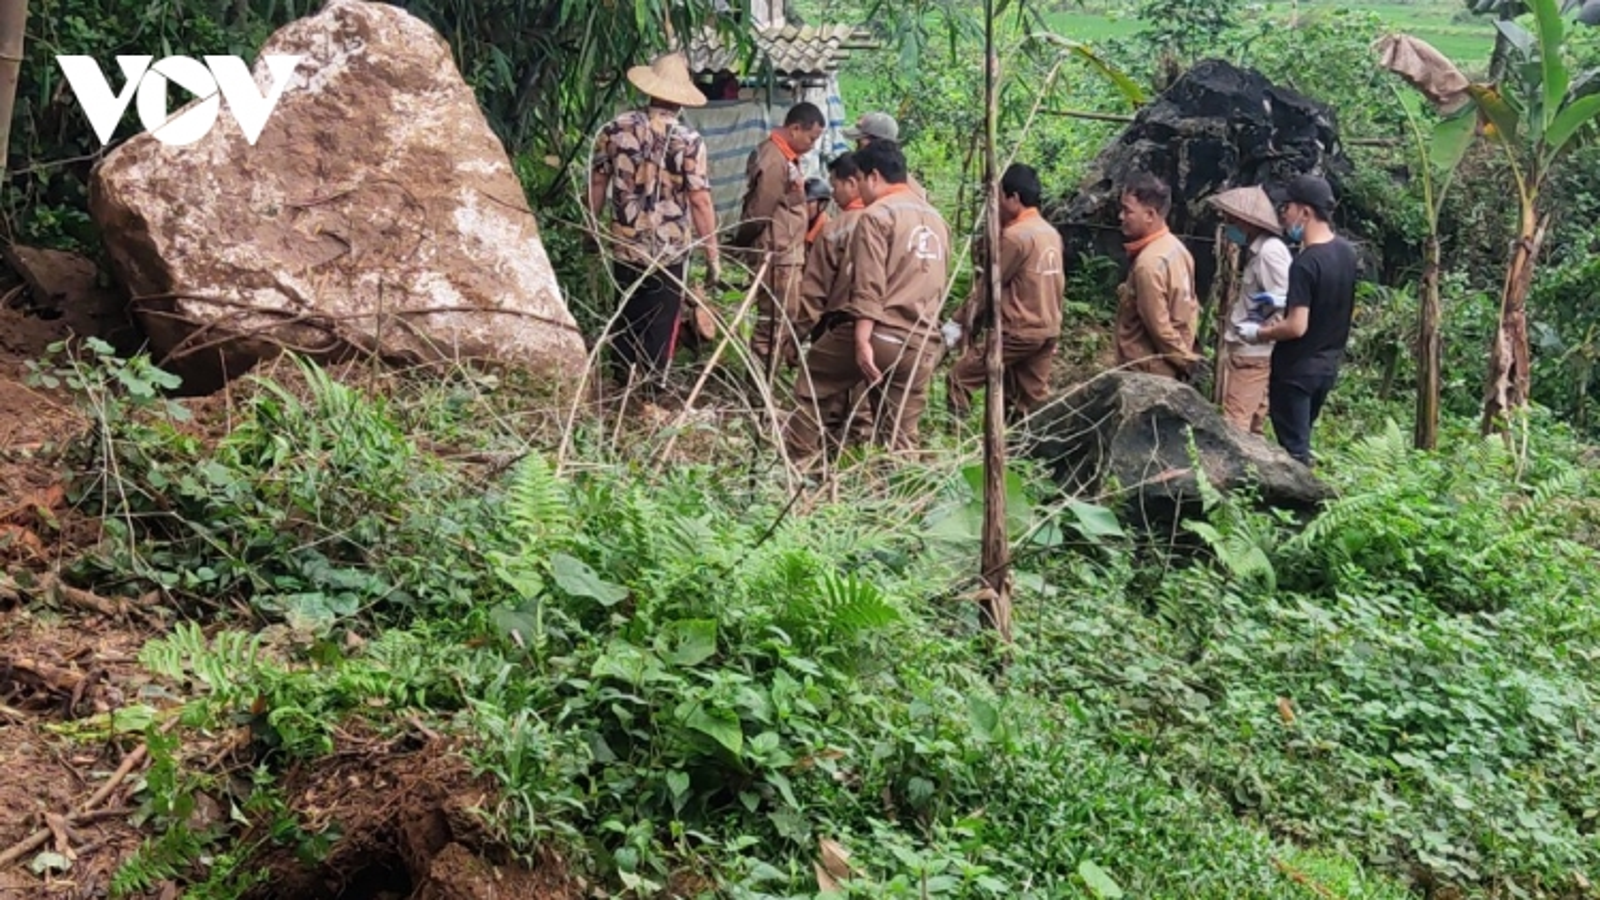 Doanh nghiệp khai thác đá, người dân làng Lạnh thấp thỏm lo âu